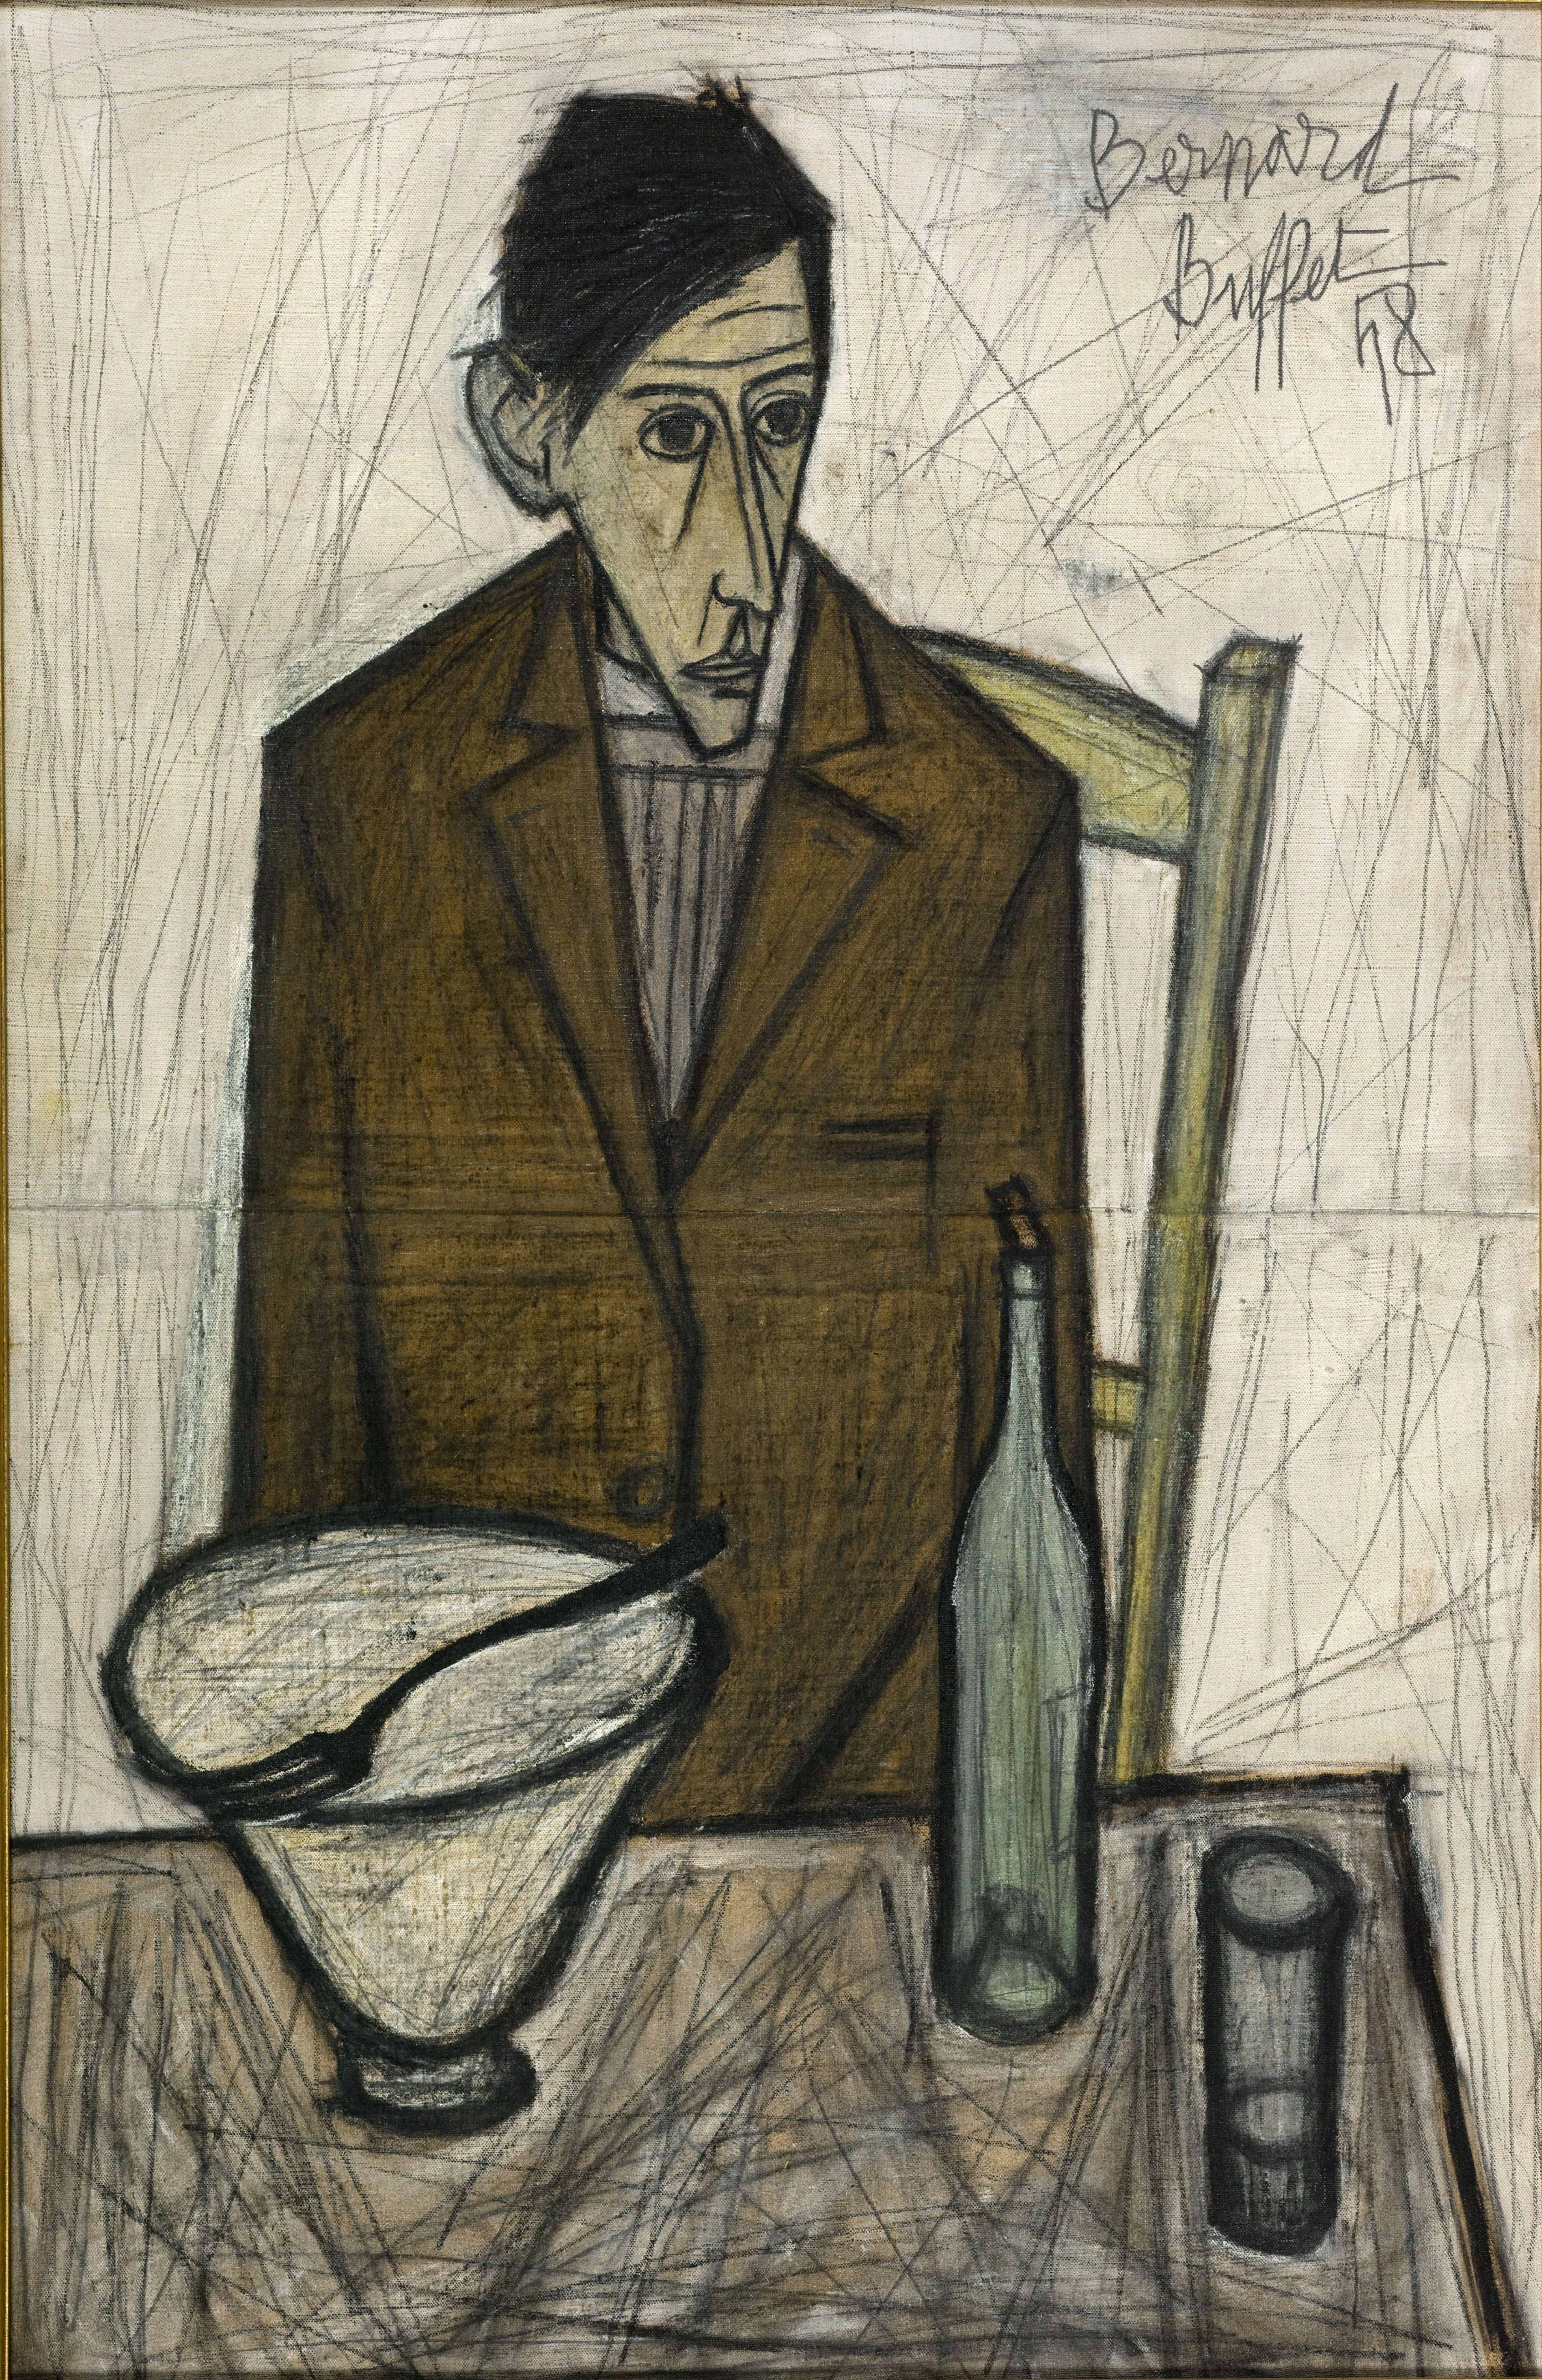 Bernard buffet le buveur 1948 huile sur toile 1 x 0 65 for Buffet peintre